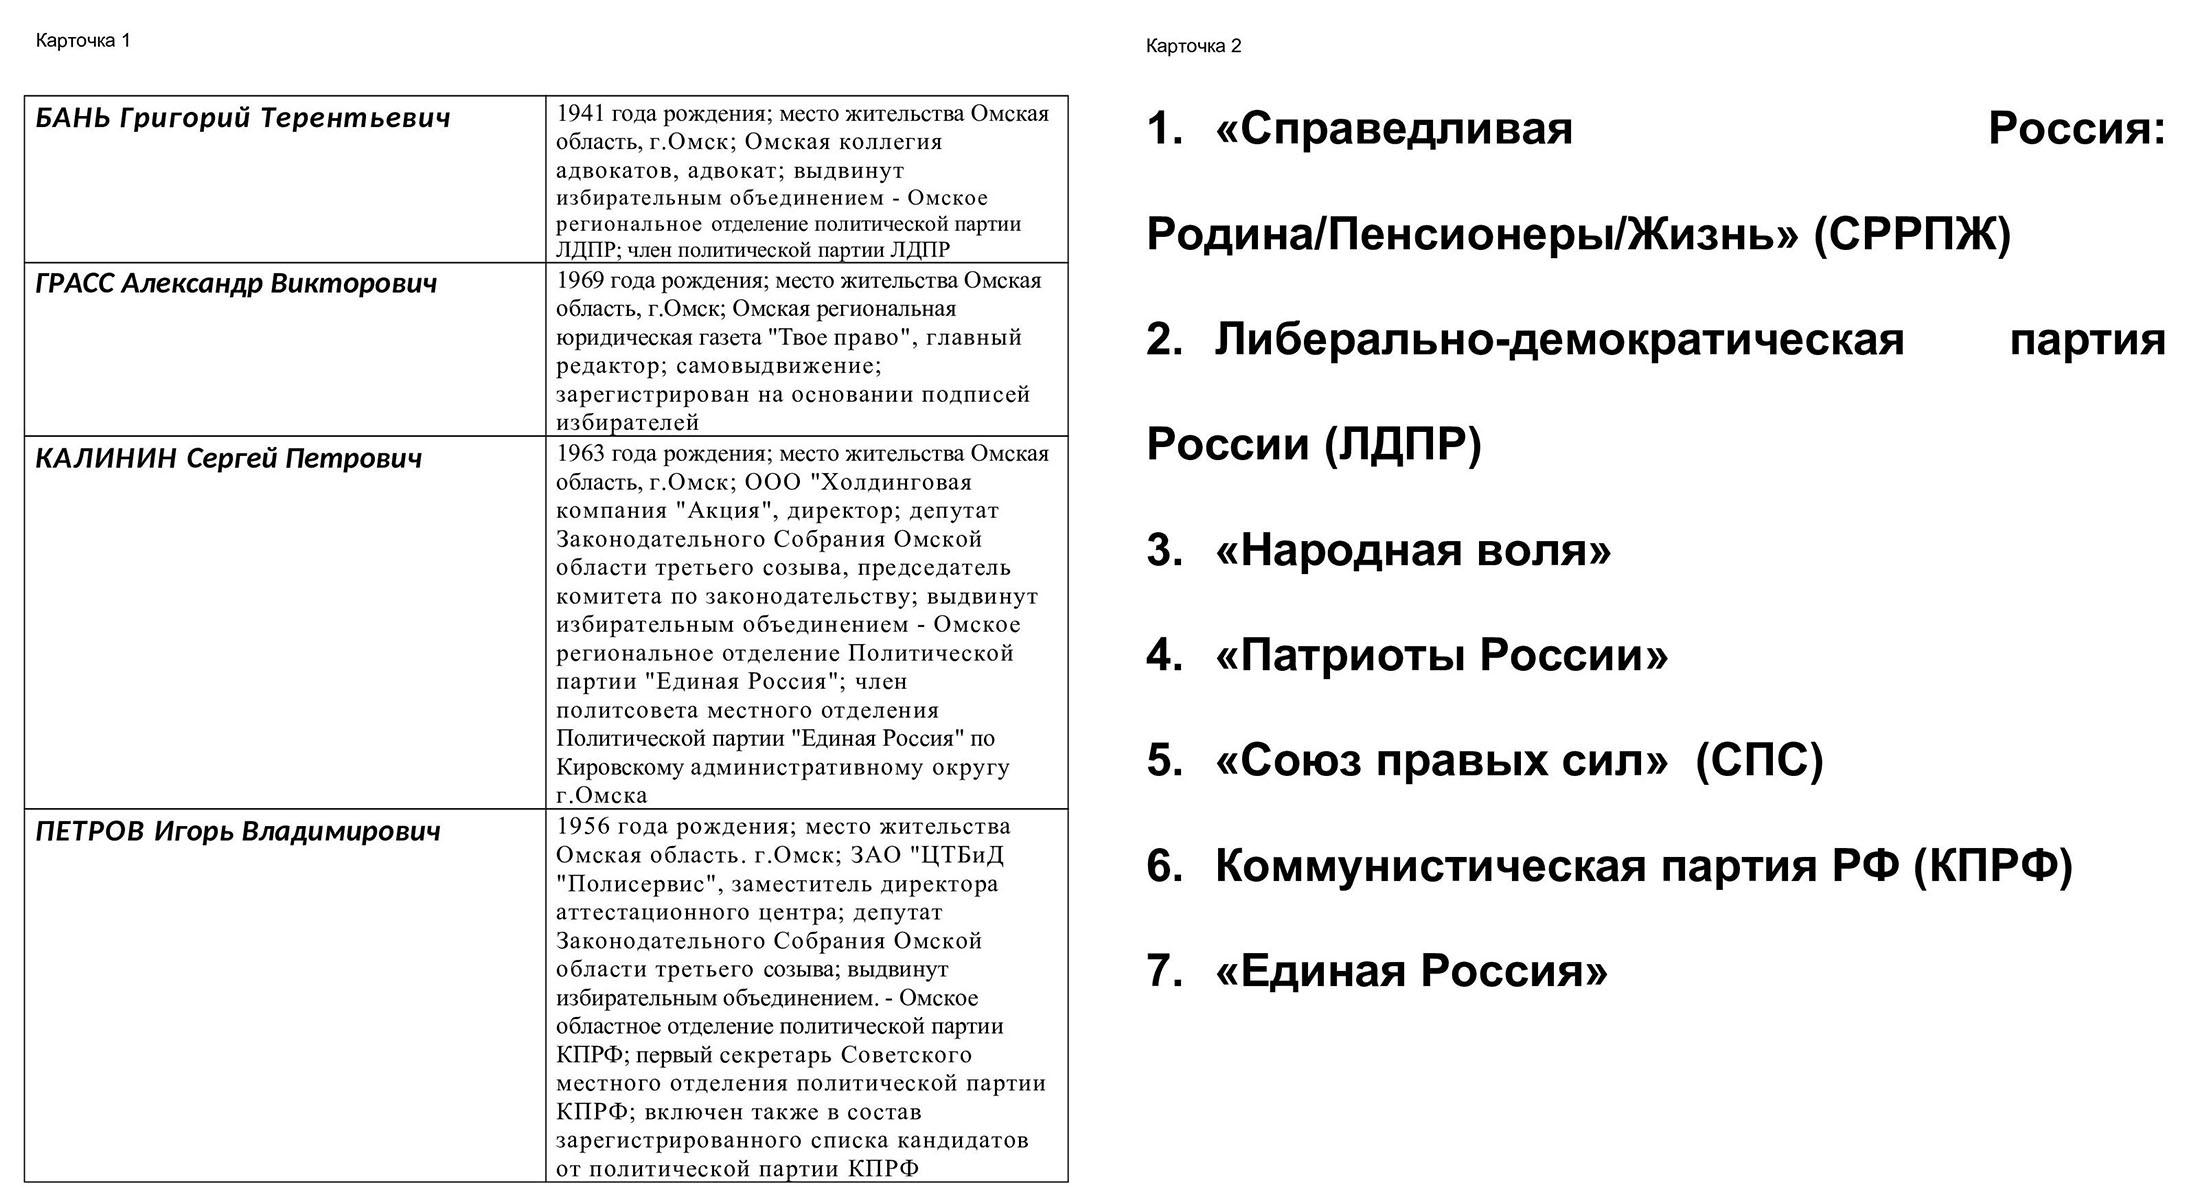 Анкету дополняют две карточки на отдельных листах, которые интервьюер показывает во время опроса